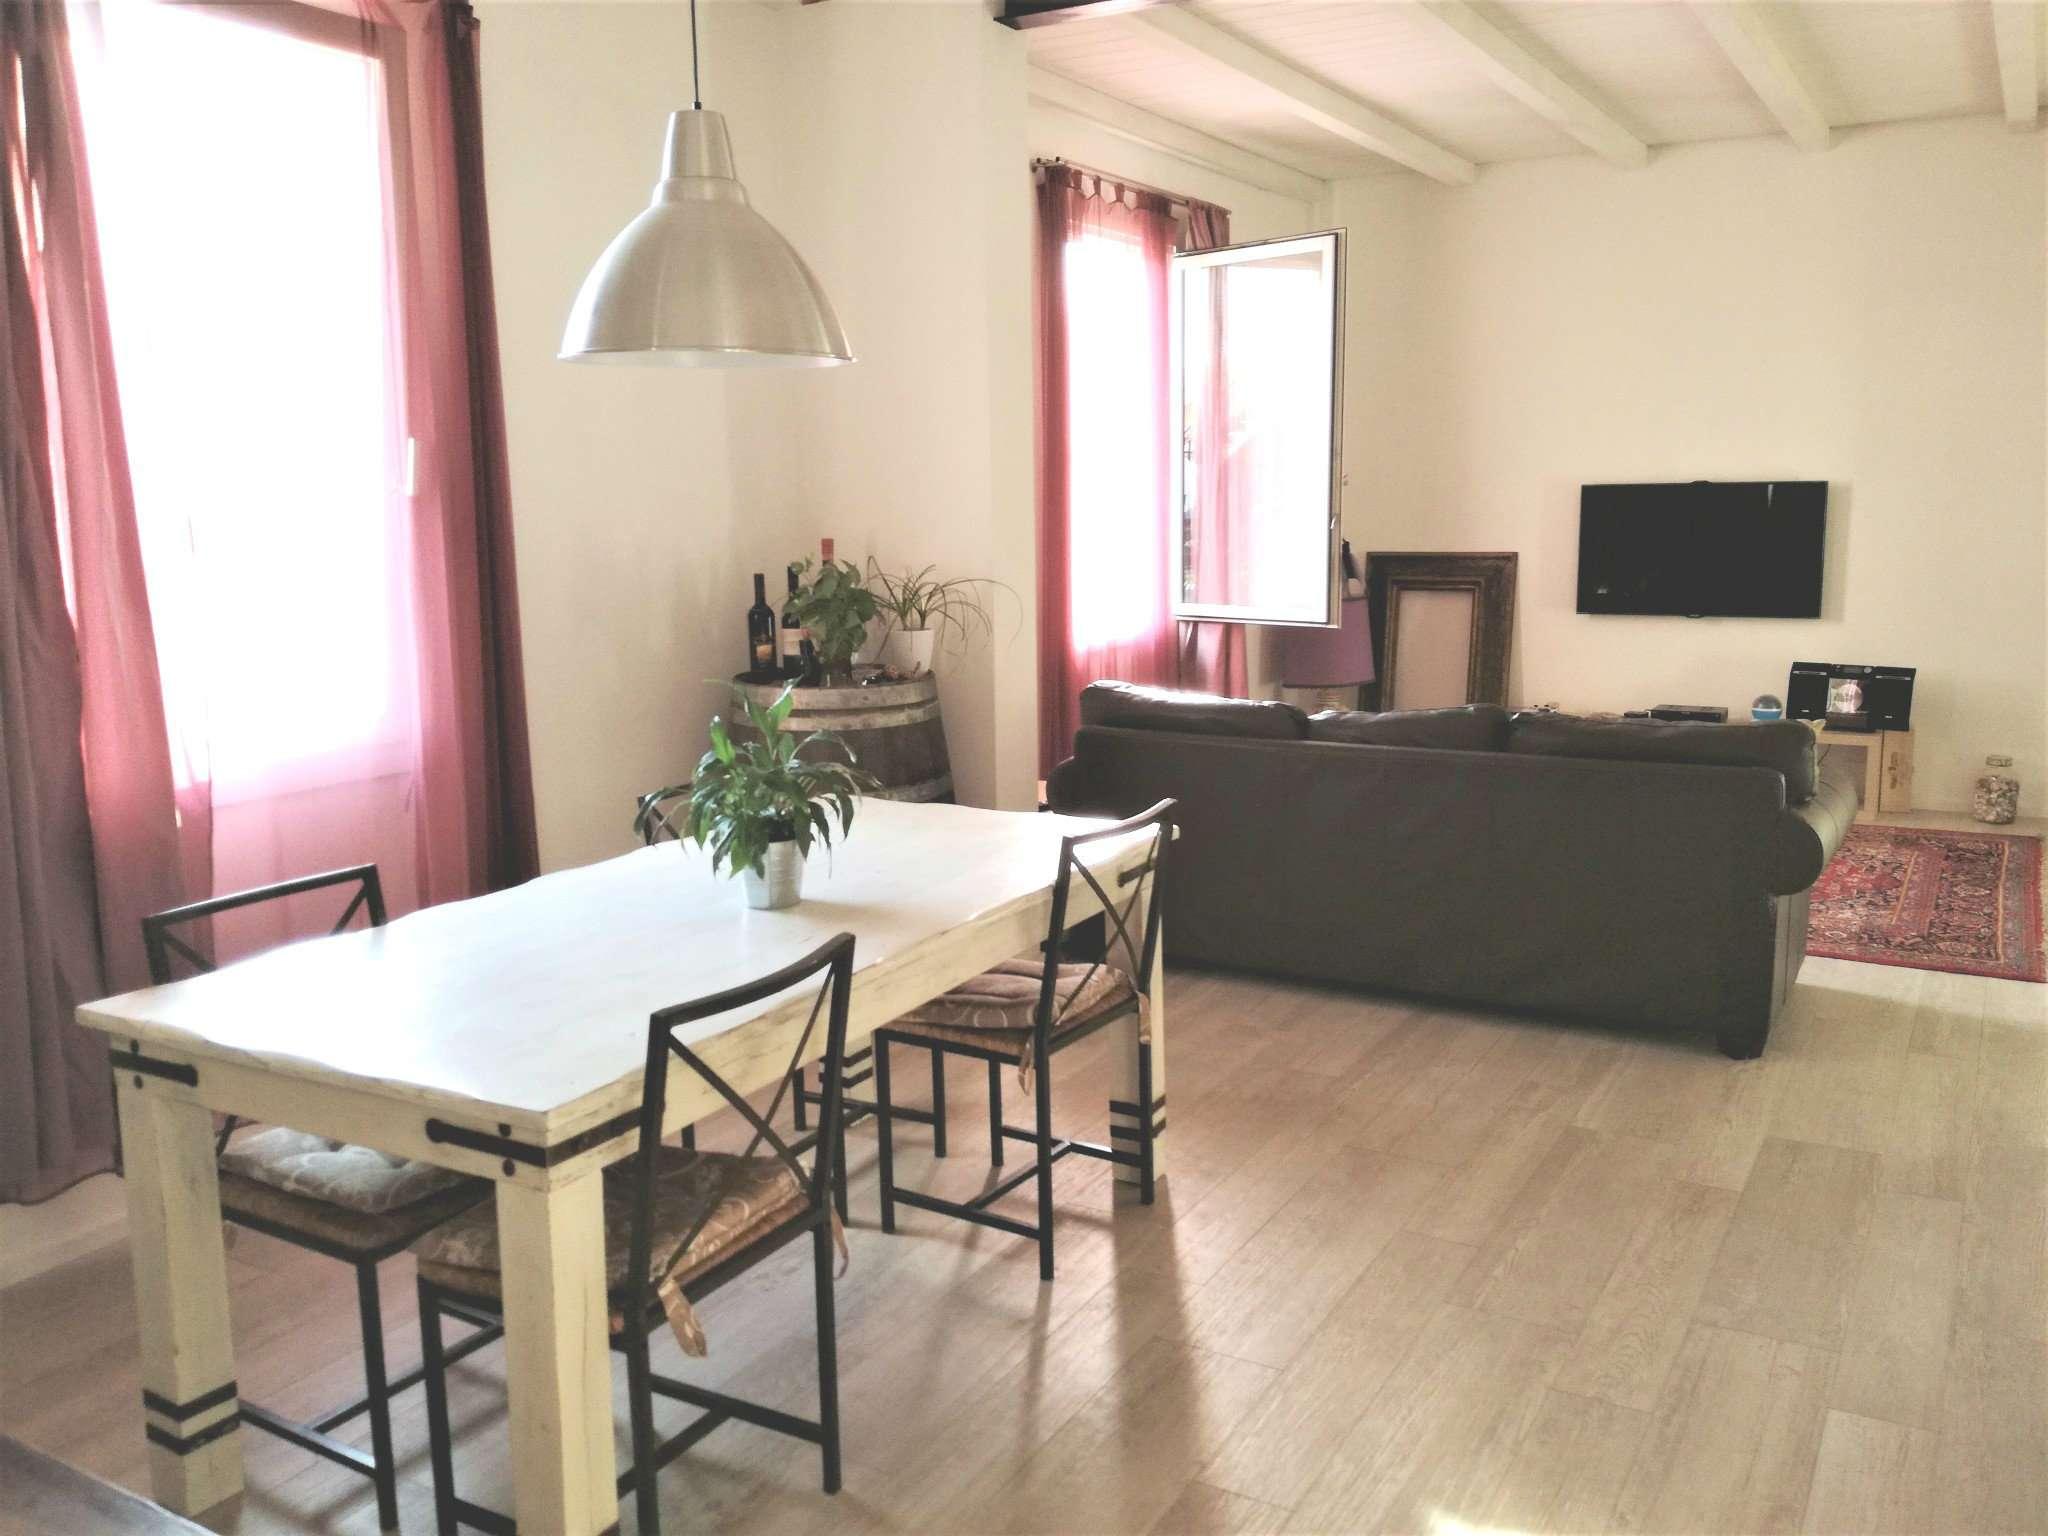 Soluzione Indipendente in vendita a Calenzano, 5 locali, prezzo € 360.000 | CambioCasa.it